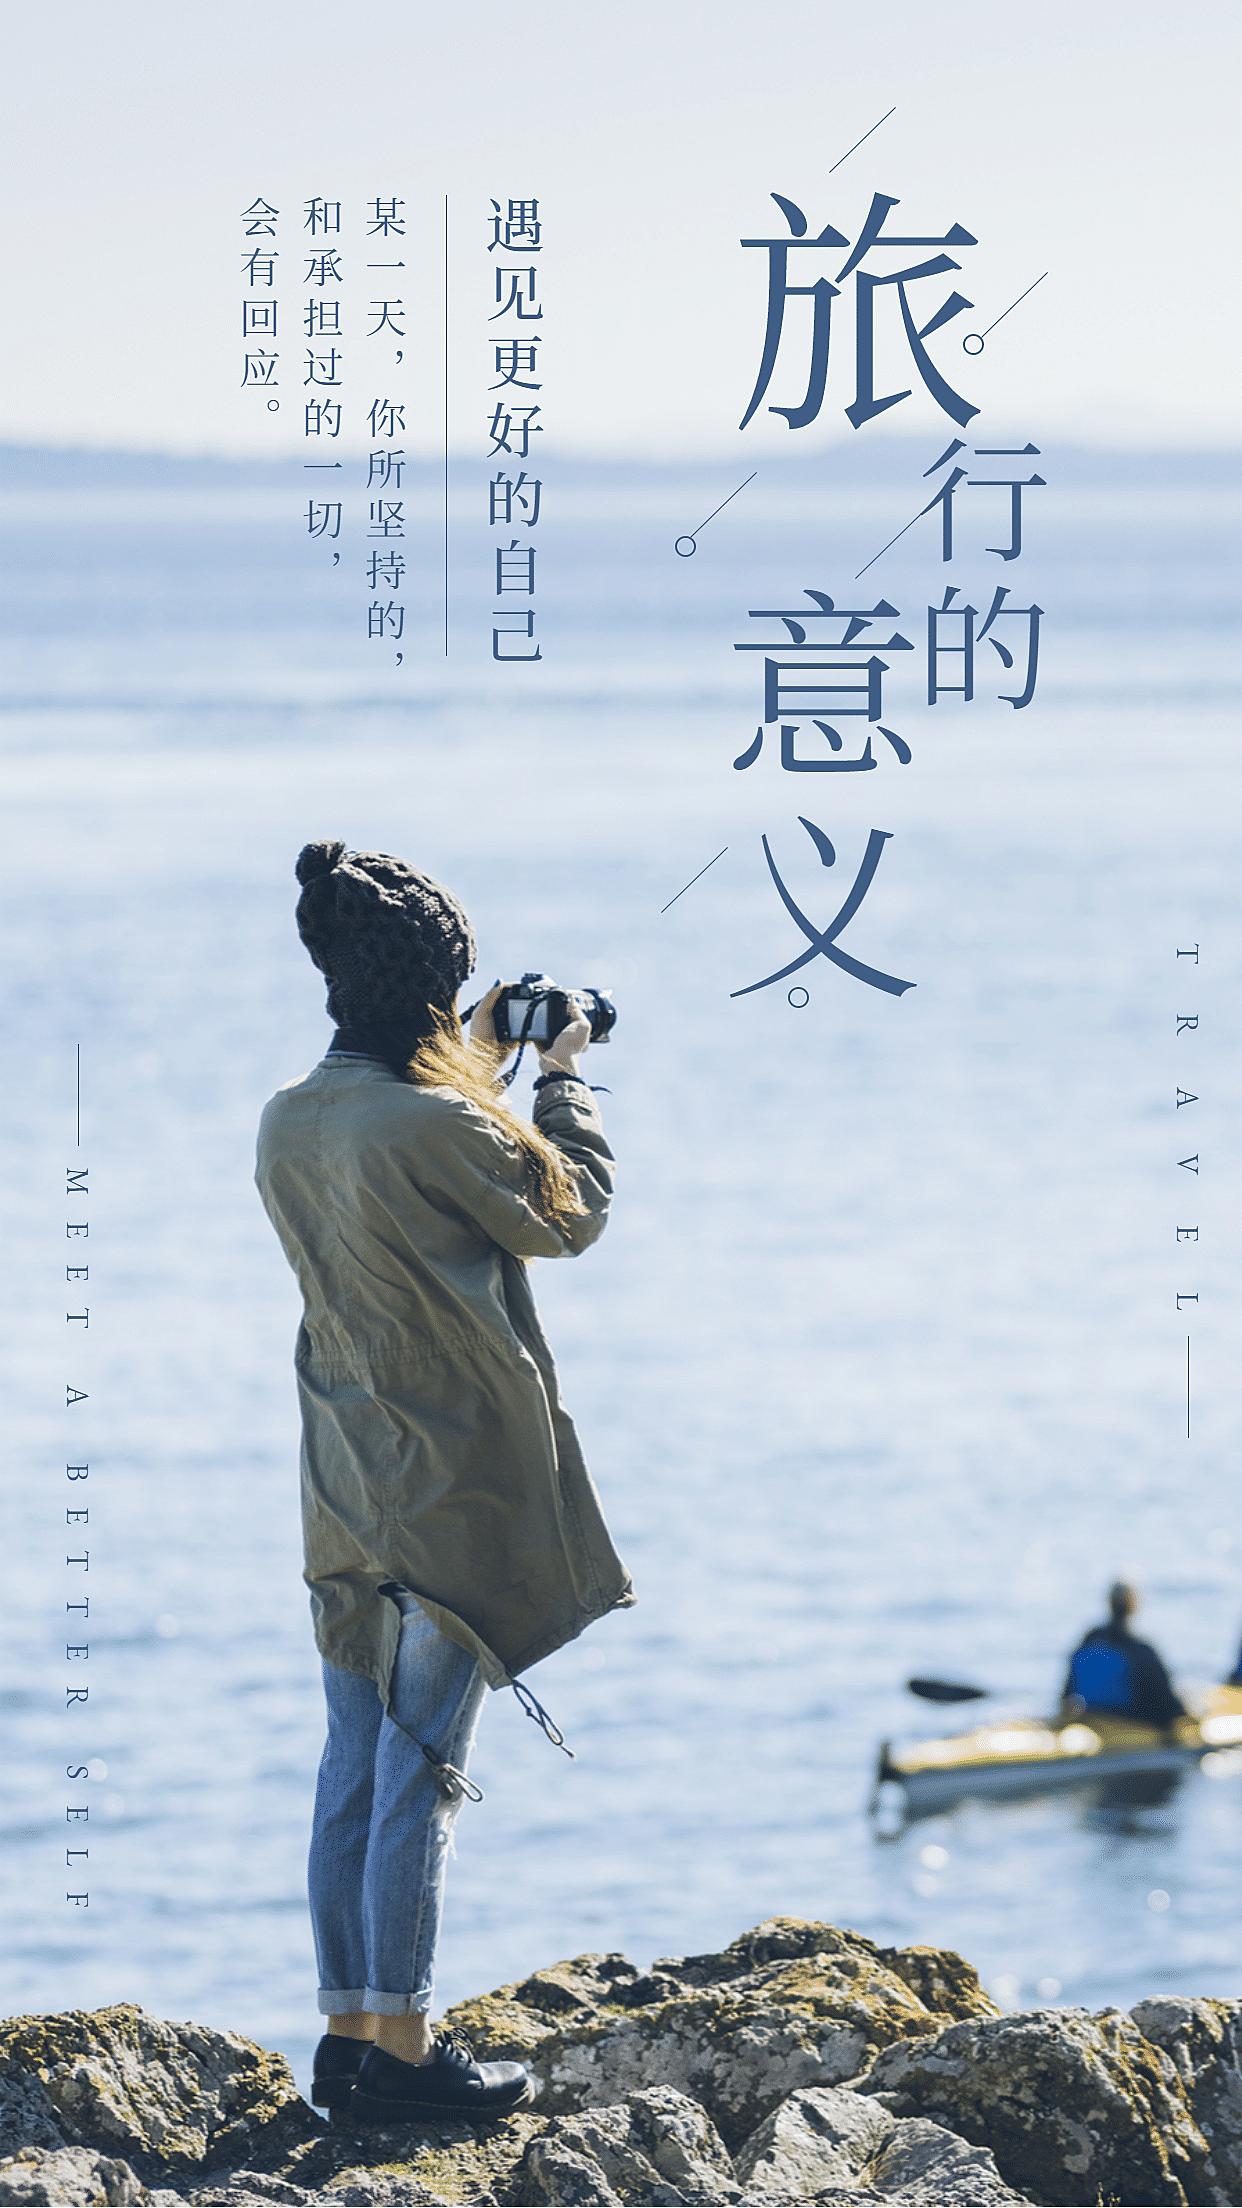 旅行摄影文艺旅游手机海报